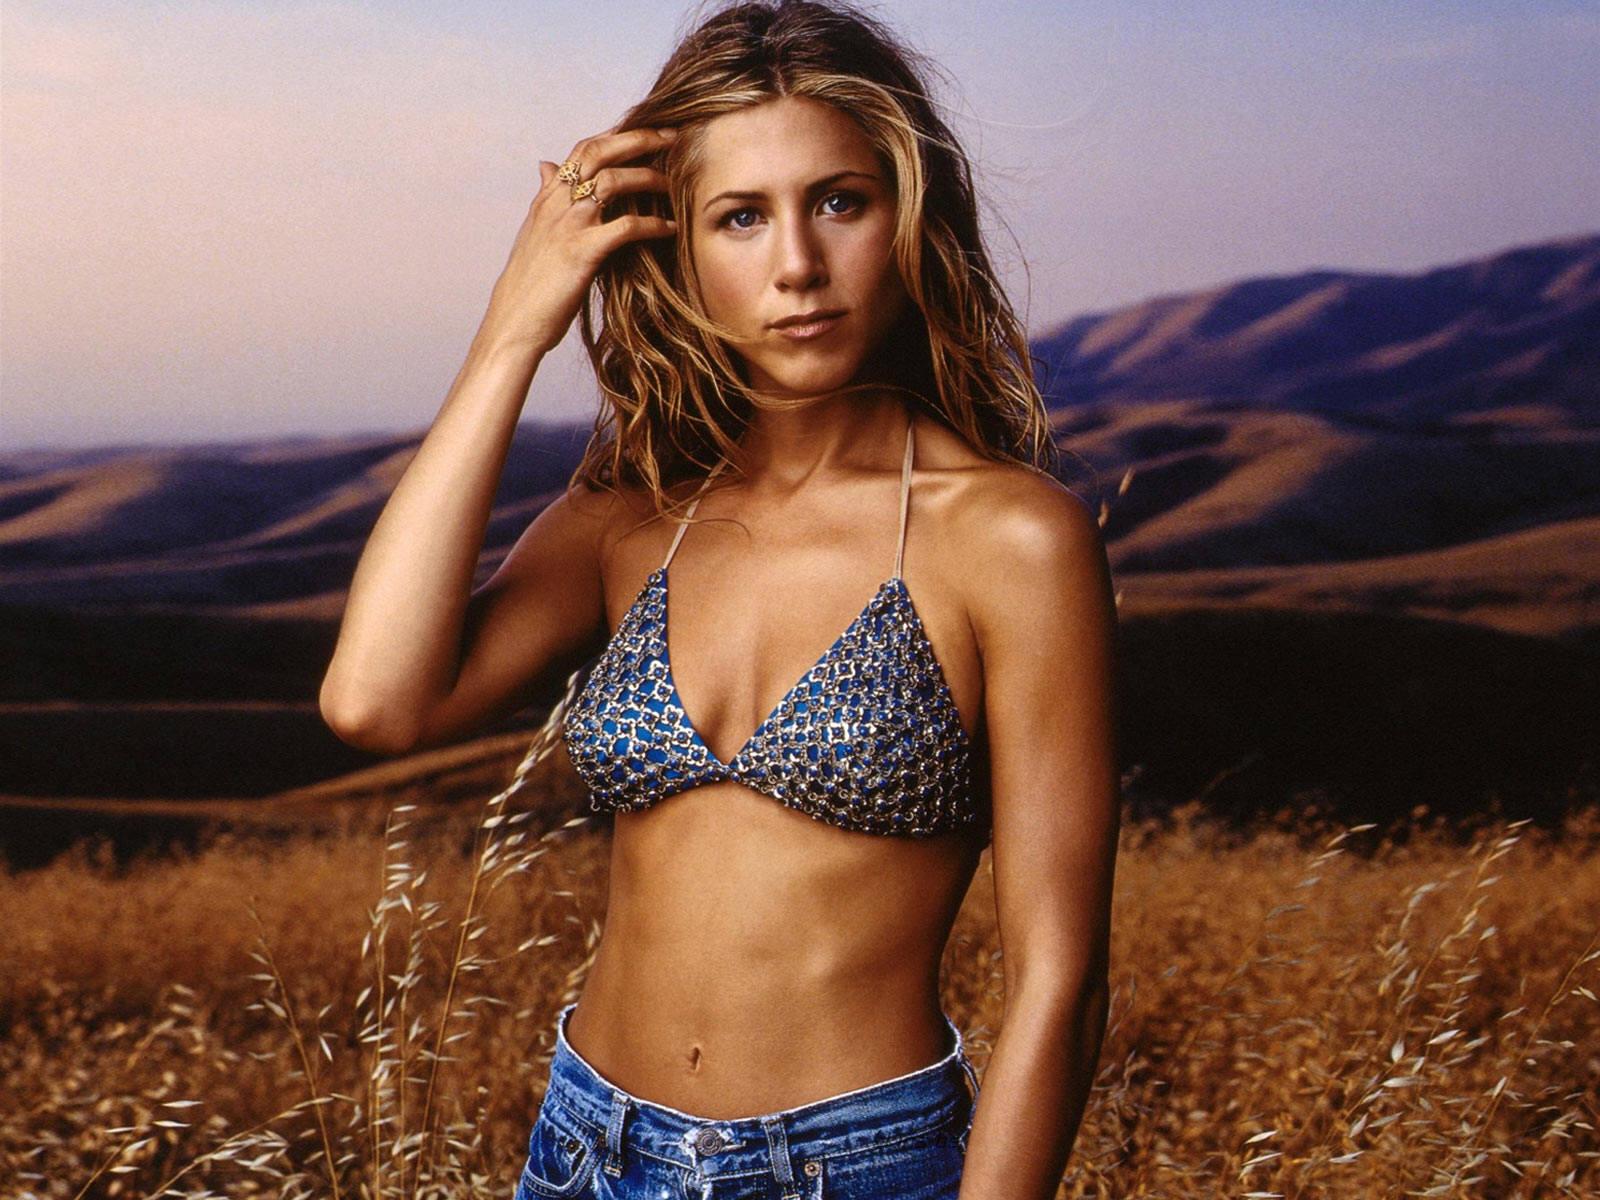 http://1.bp.blogspot.com/-DlCTDSI95LU/T9xm7ixgpzI/AAAAAAAABLk/yrj_hUos__U/s1600/Jennifer+Aniston+HD+Wallpapers+14.jpg